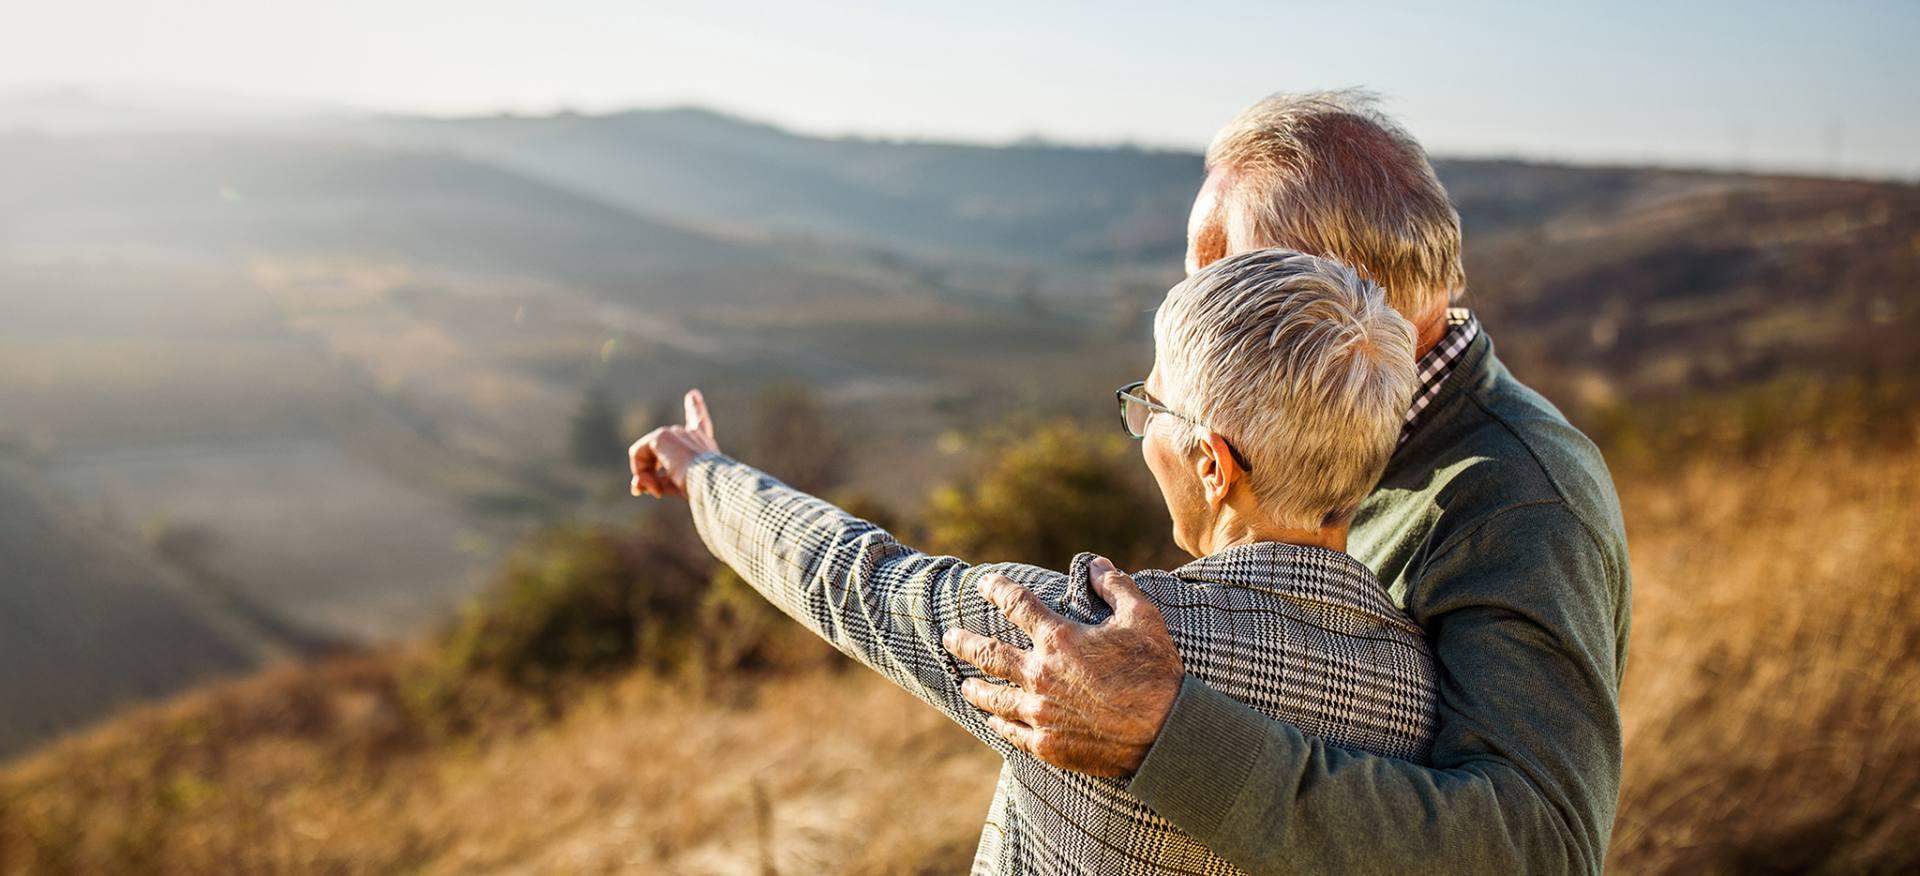 Ubezpieczone małżeństwo spogląda na pejzaż podczas spaceru